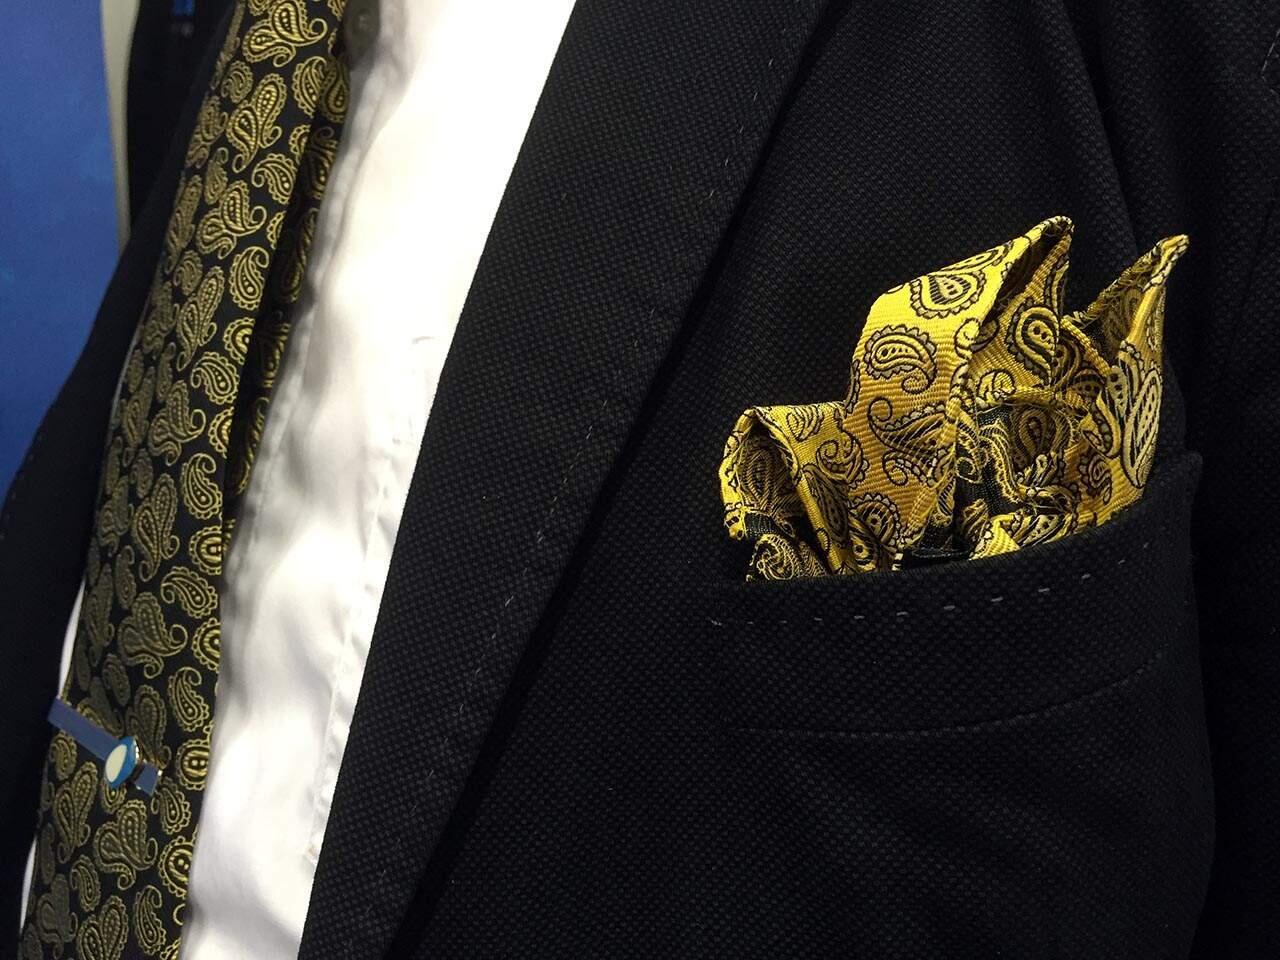 Räväkkä taskuliina- ja solmioyhdistelmä toimii, sillä ne eivät ole ns. matchy-matchy, vaikka sama kuvio niissä toistuukin.